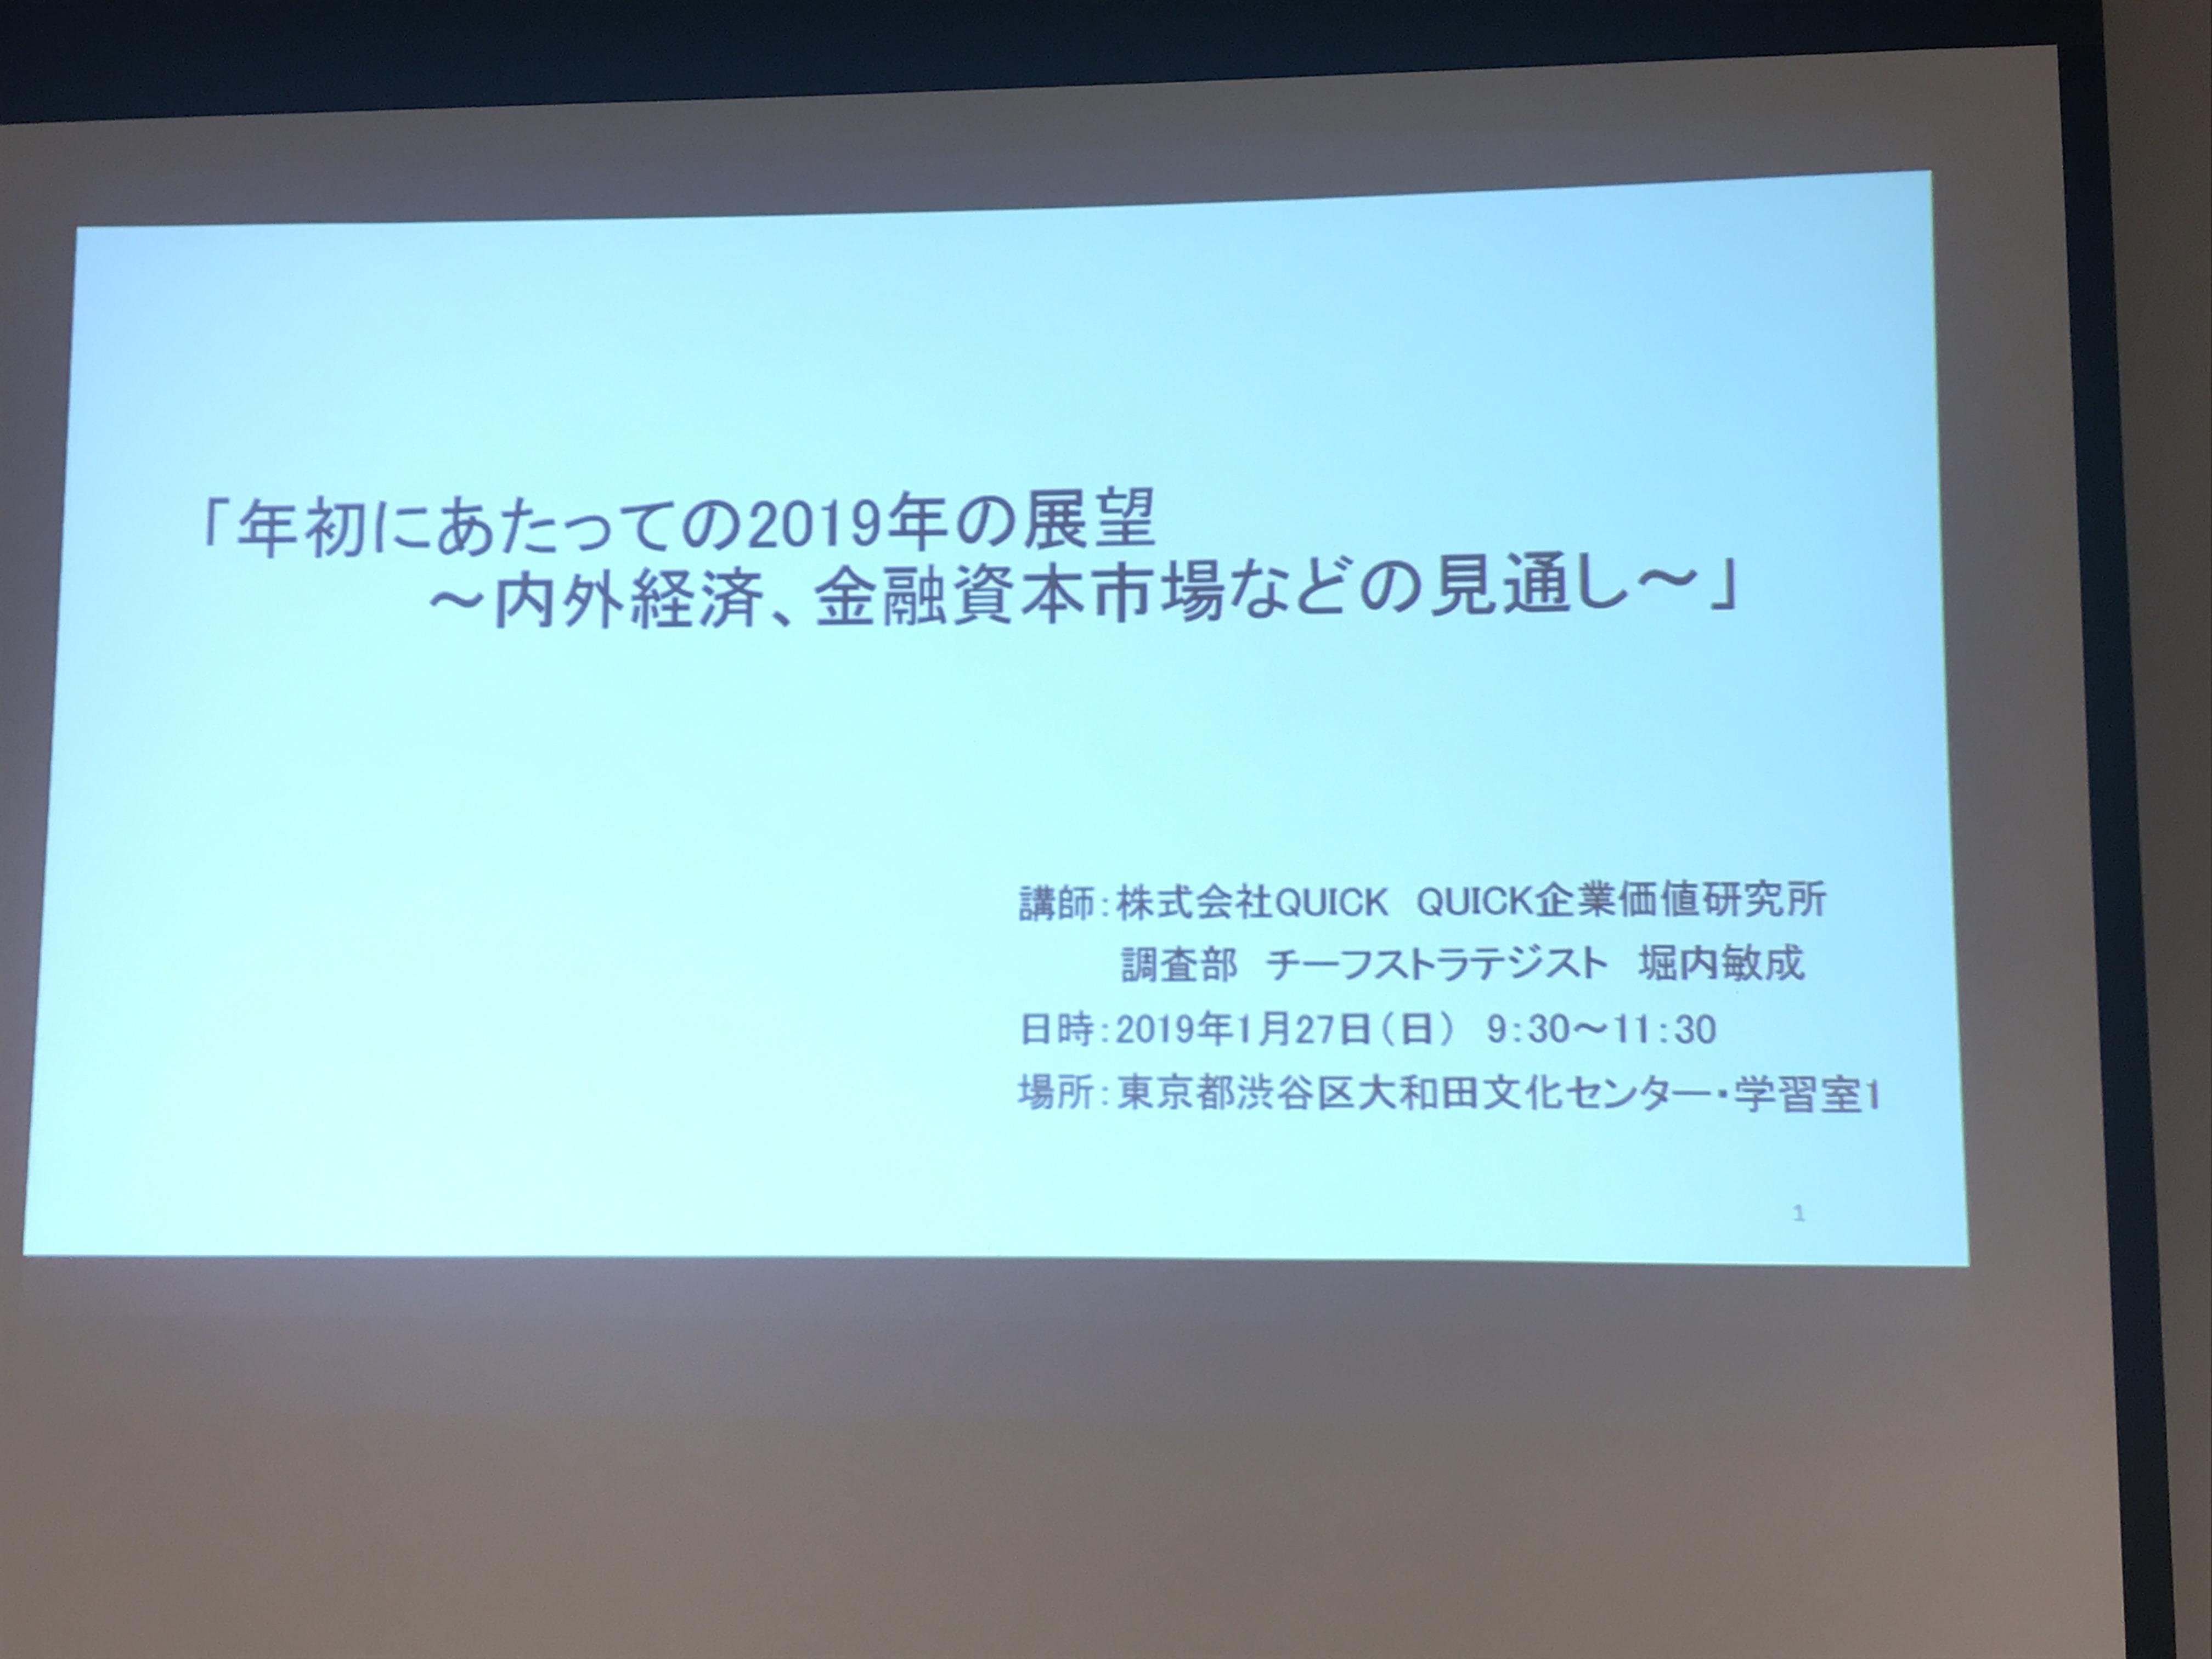 【会員用】「年初にあたっての2019年の展望~内外経済、金融資本市場などの見通し~」セミナー動画